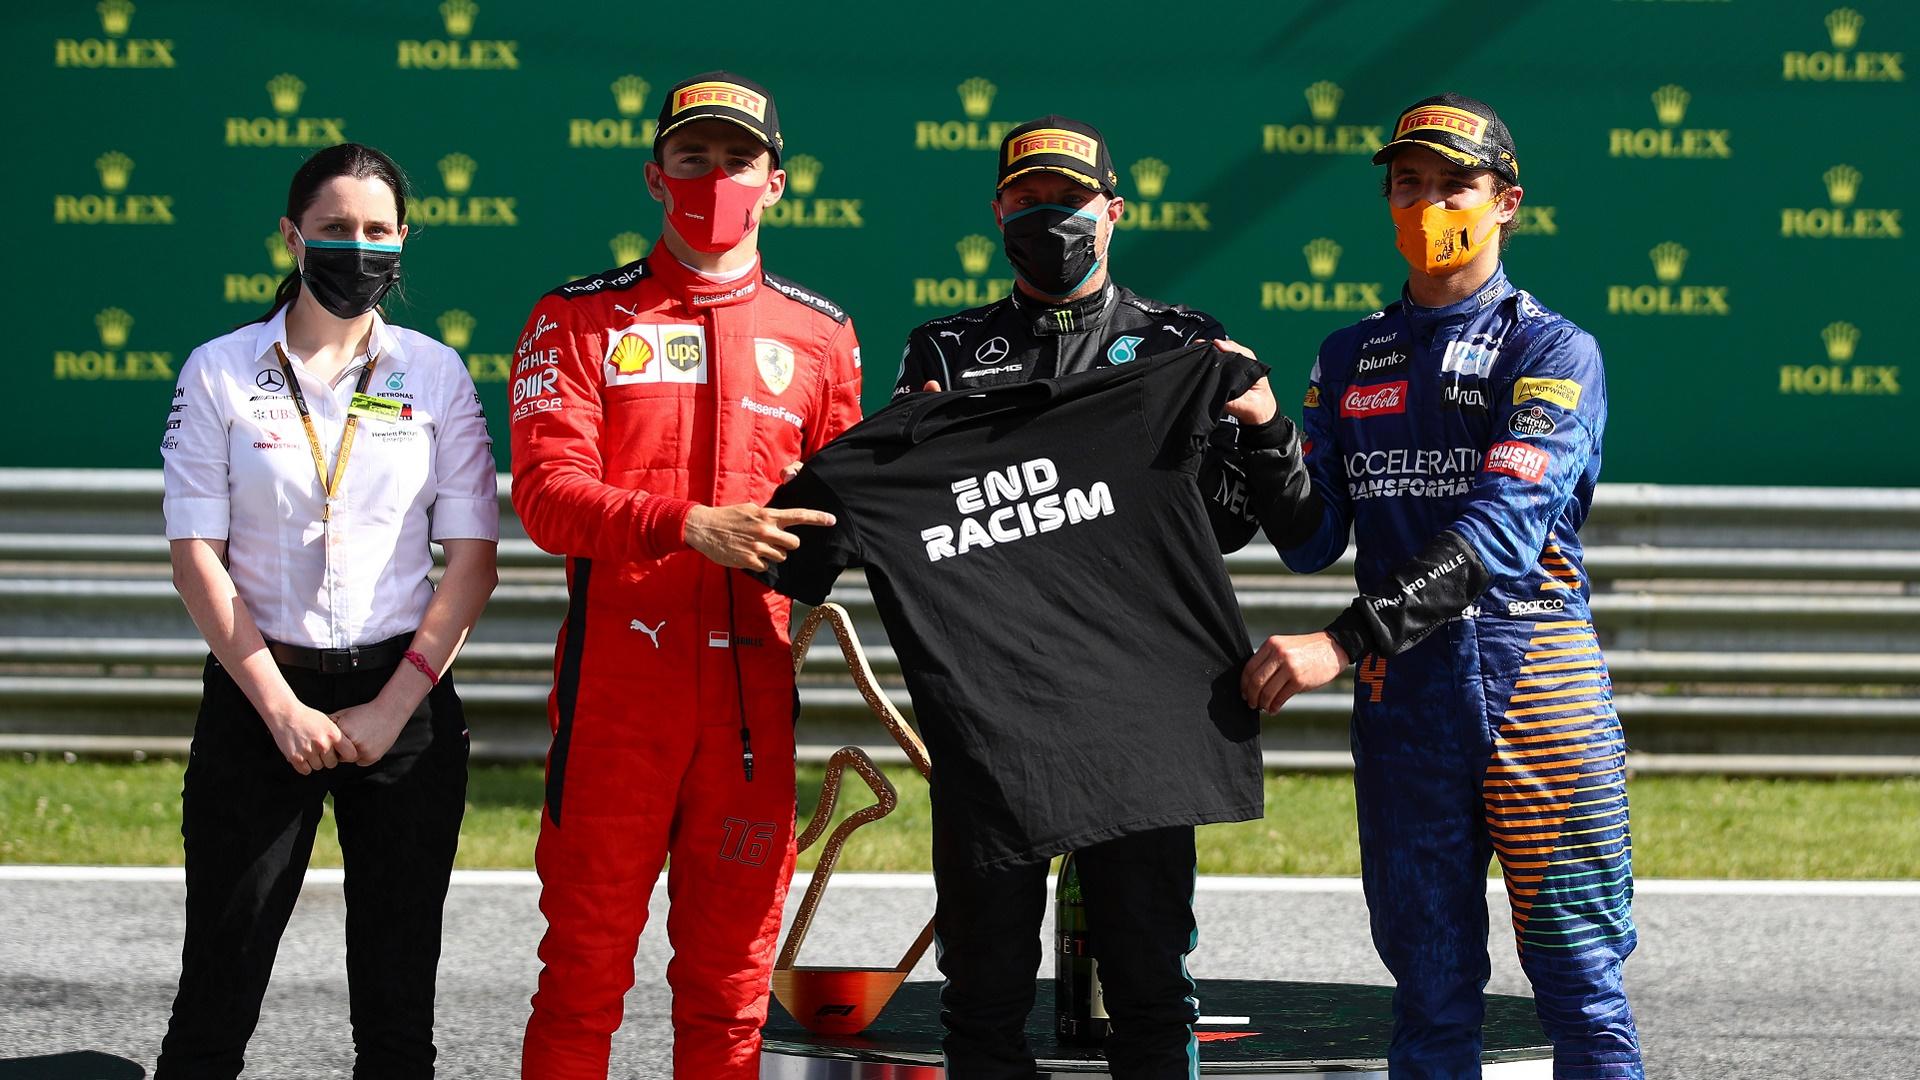 2020-07-05 Formula 1 F1 Austria Bottas Leclerc Norris